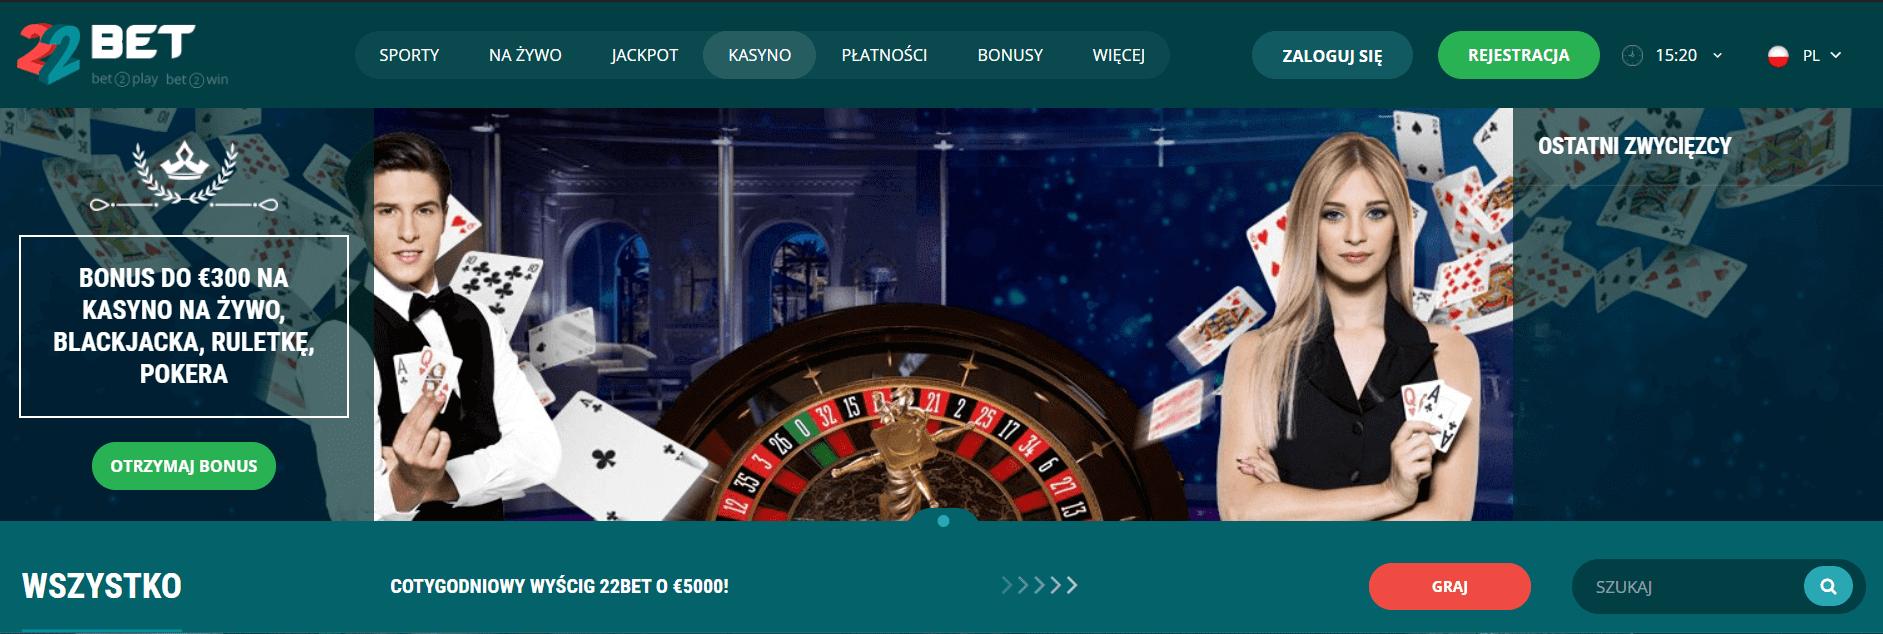 22bet bonusy casino screenshot